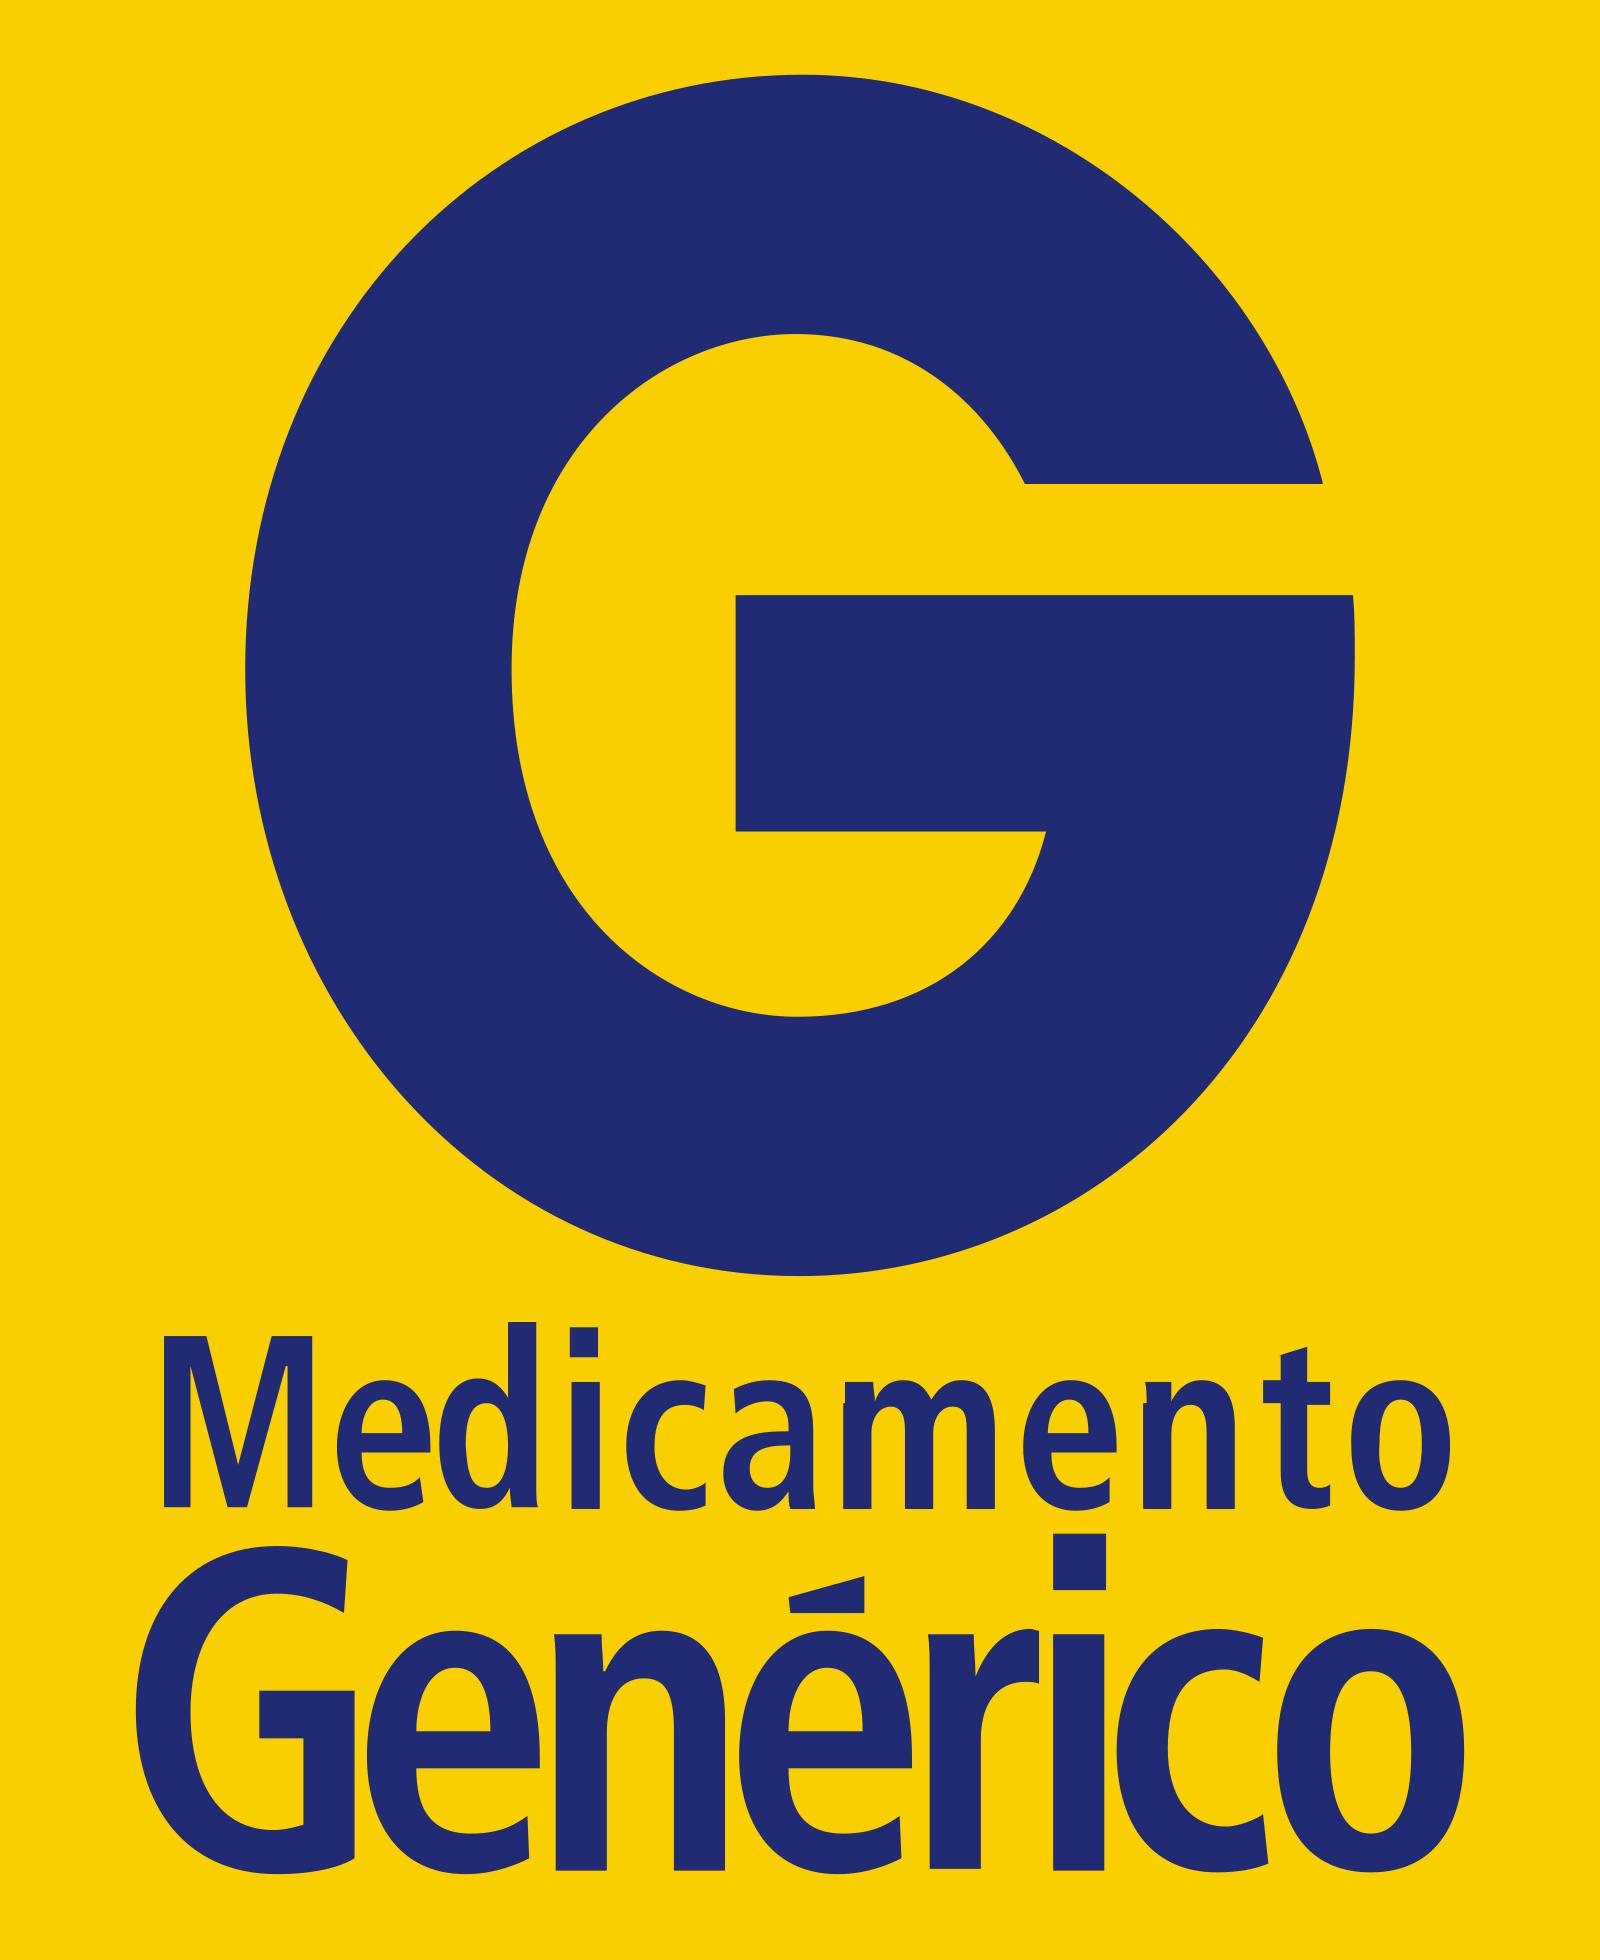 medicamento generico logo 7 - Genérico Logo - Medicamento Genérico Logo